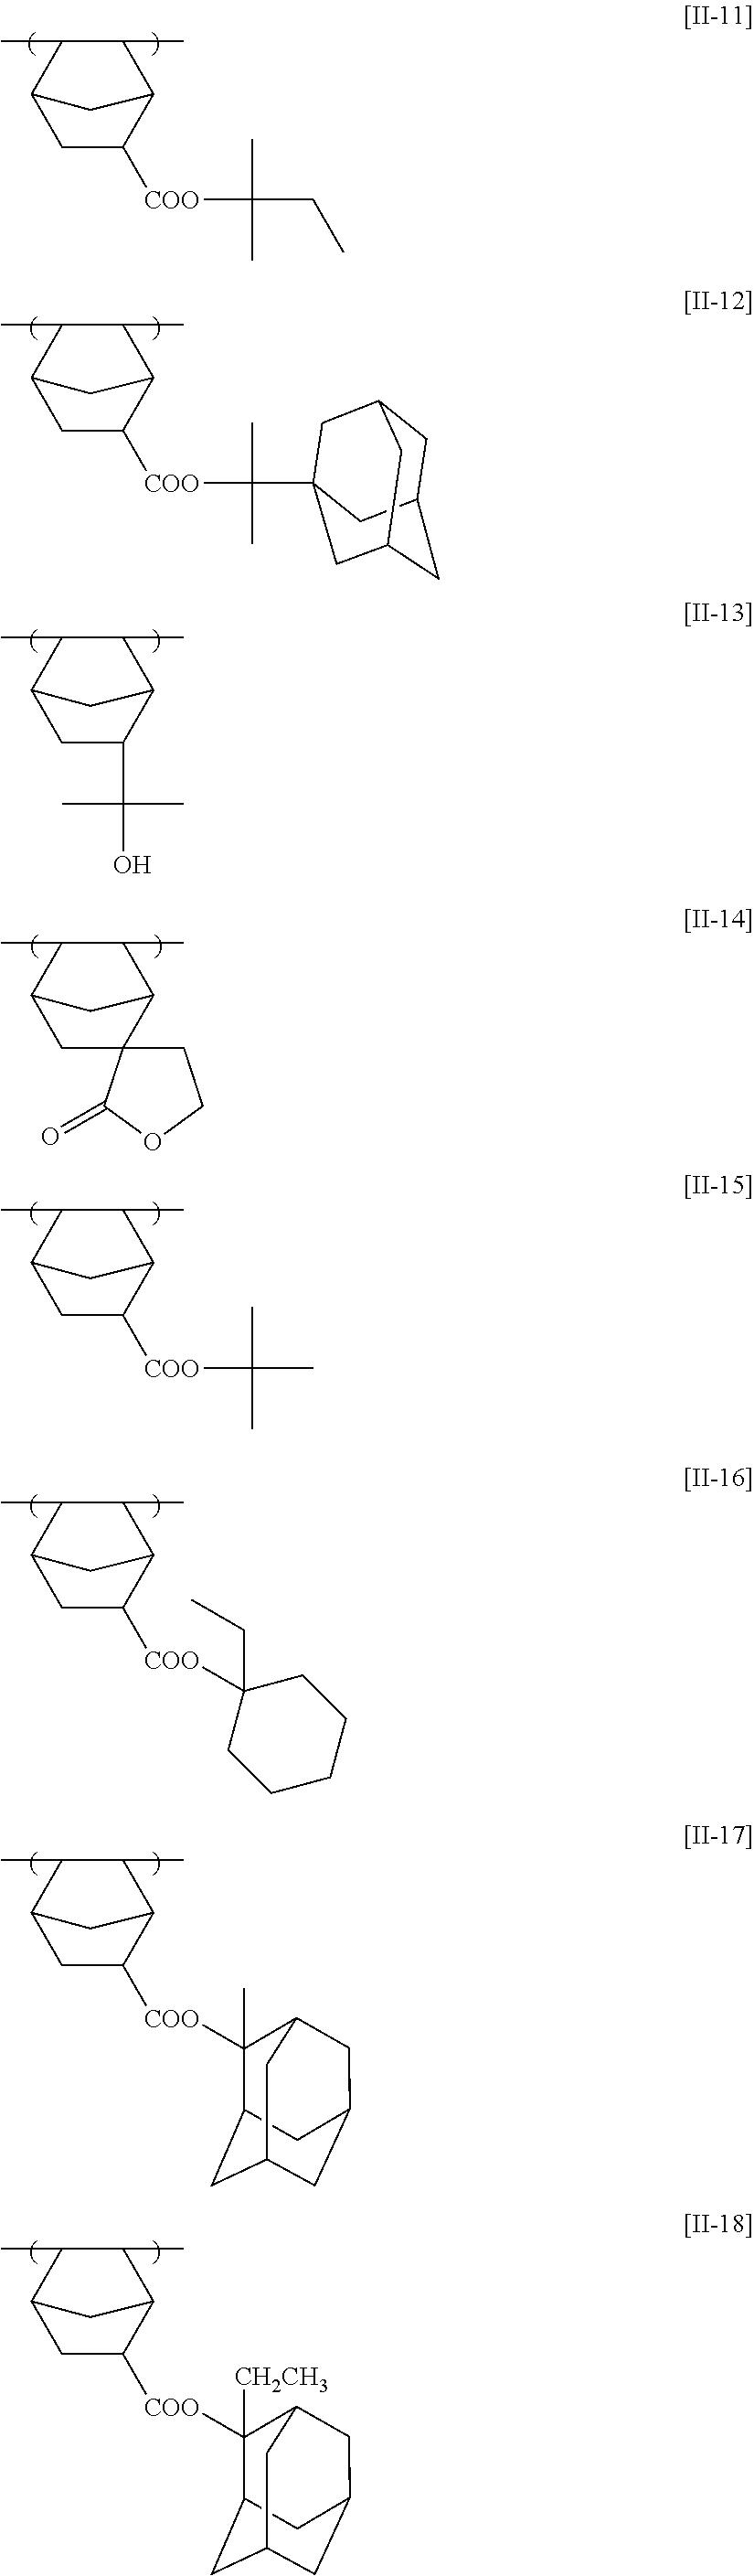 Figure US08017298-20110913-C00016